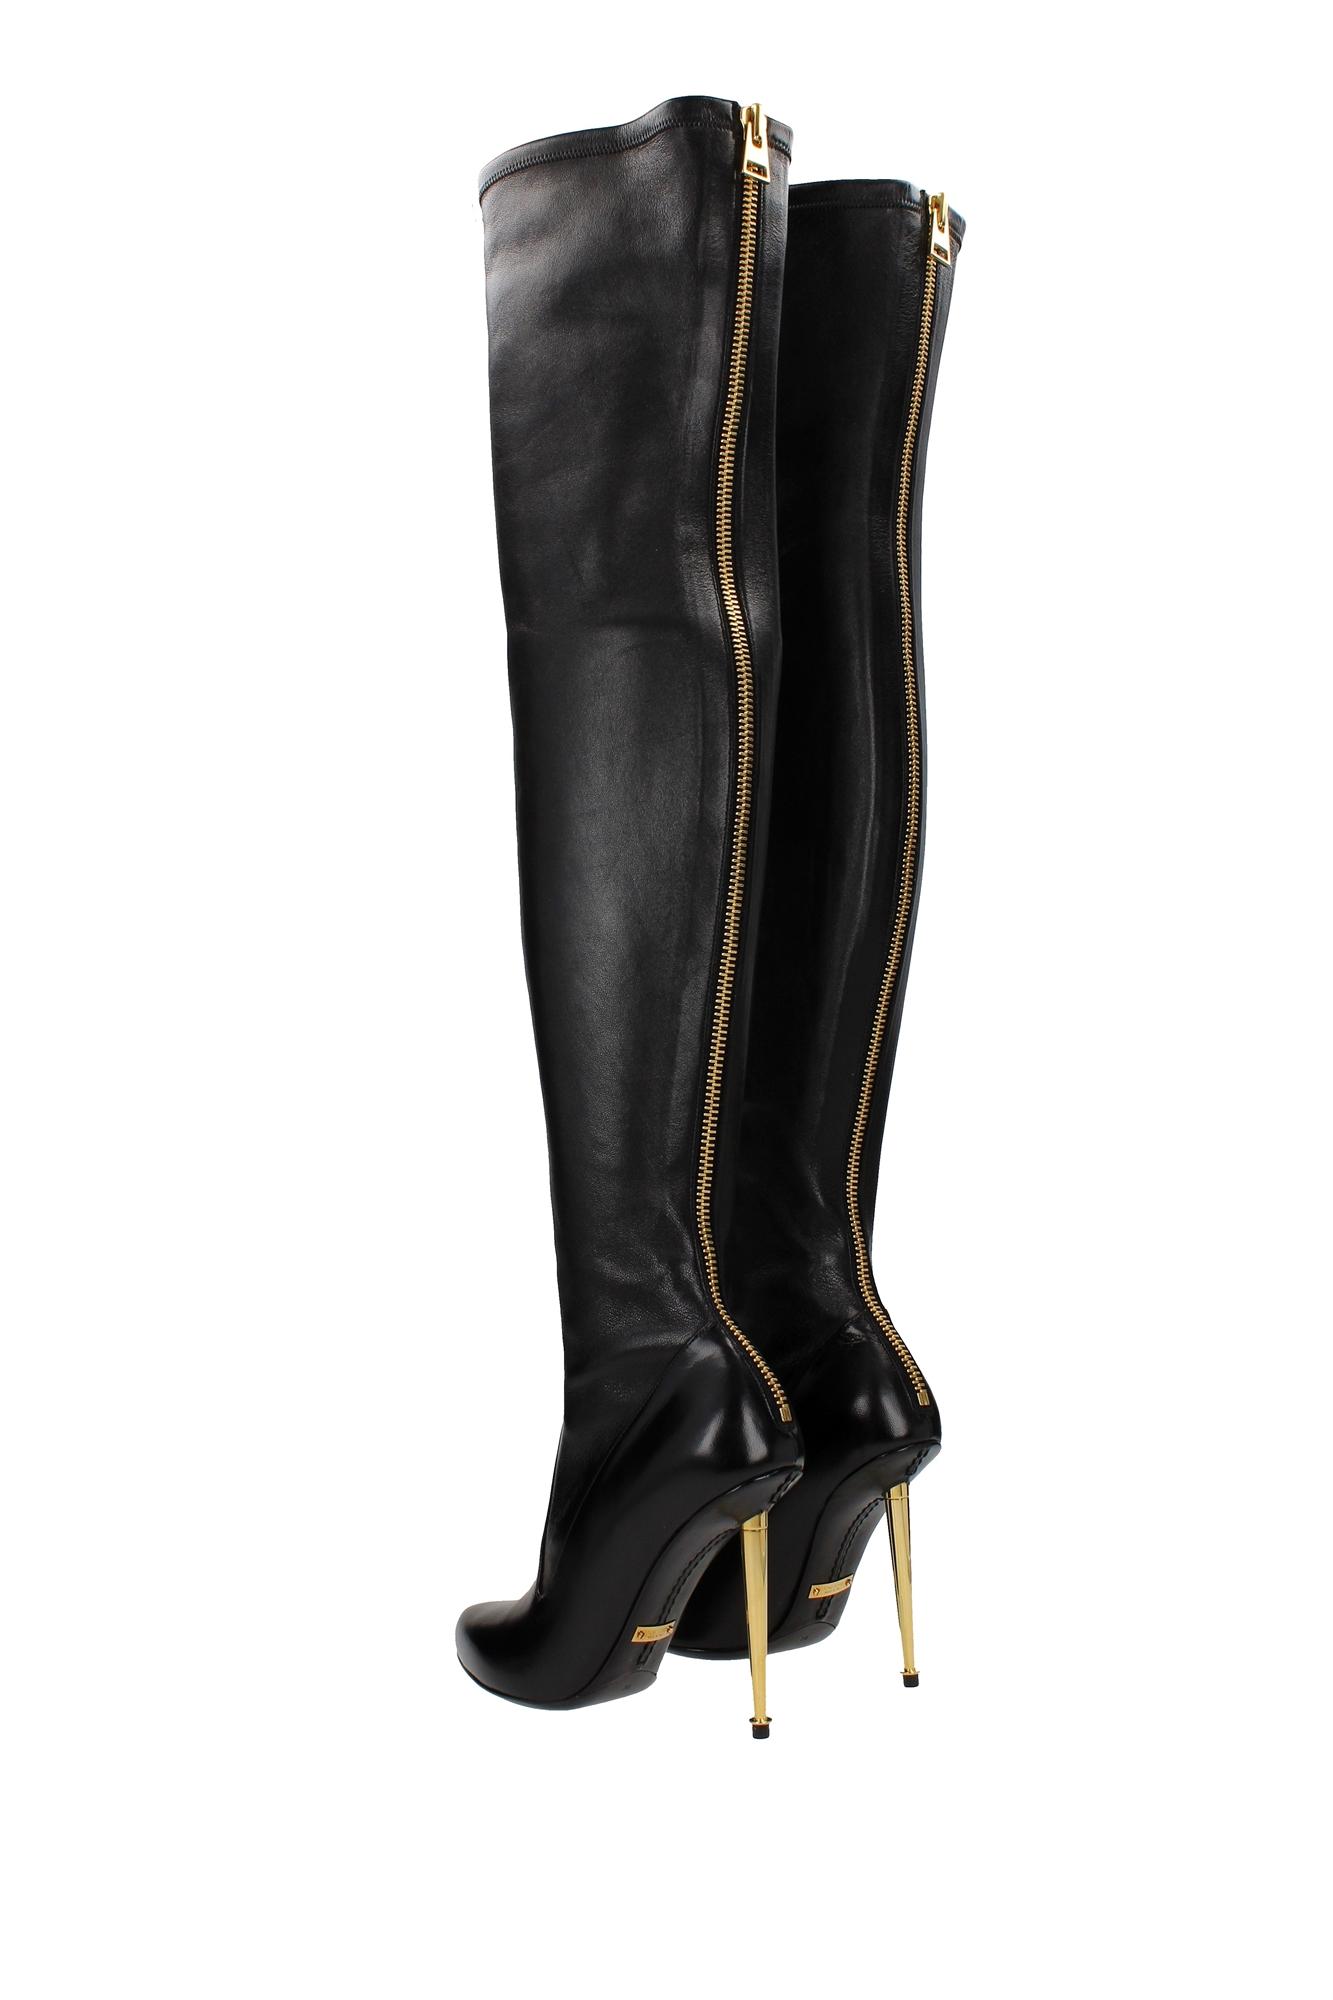 stiefel tom ford damen leder schwarz 214w1151tnstblk ebay. Black Bedroom Furniture Sets. Home Design Ideas